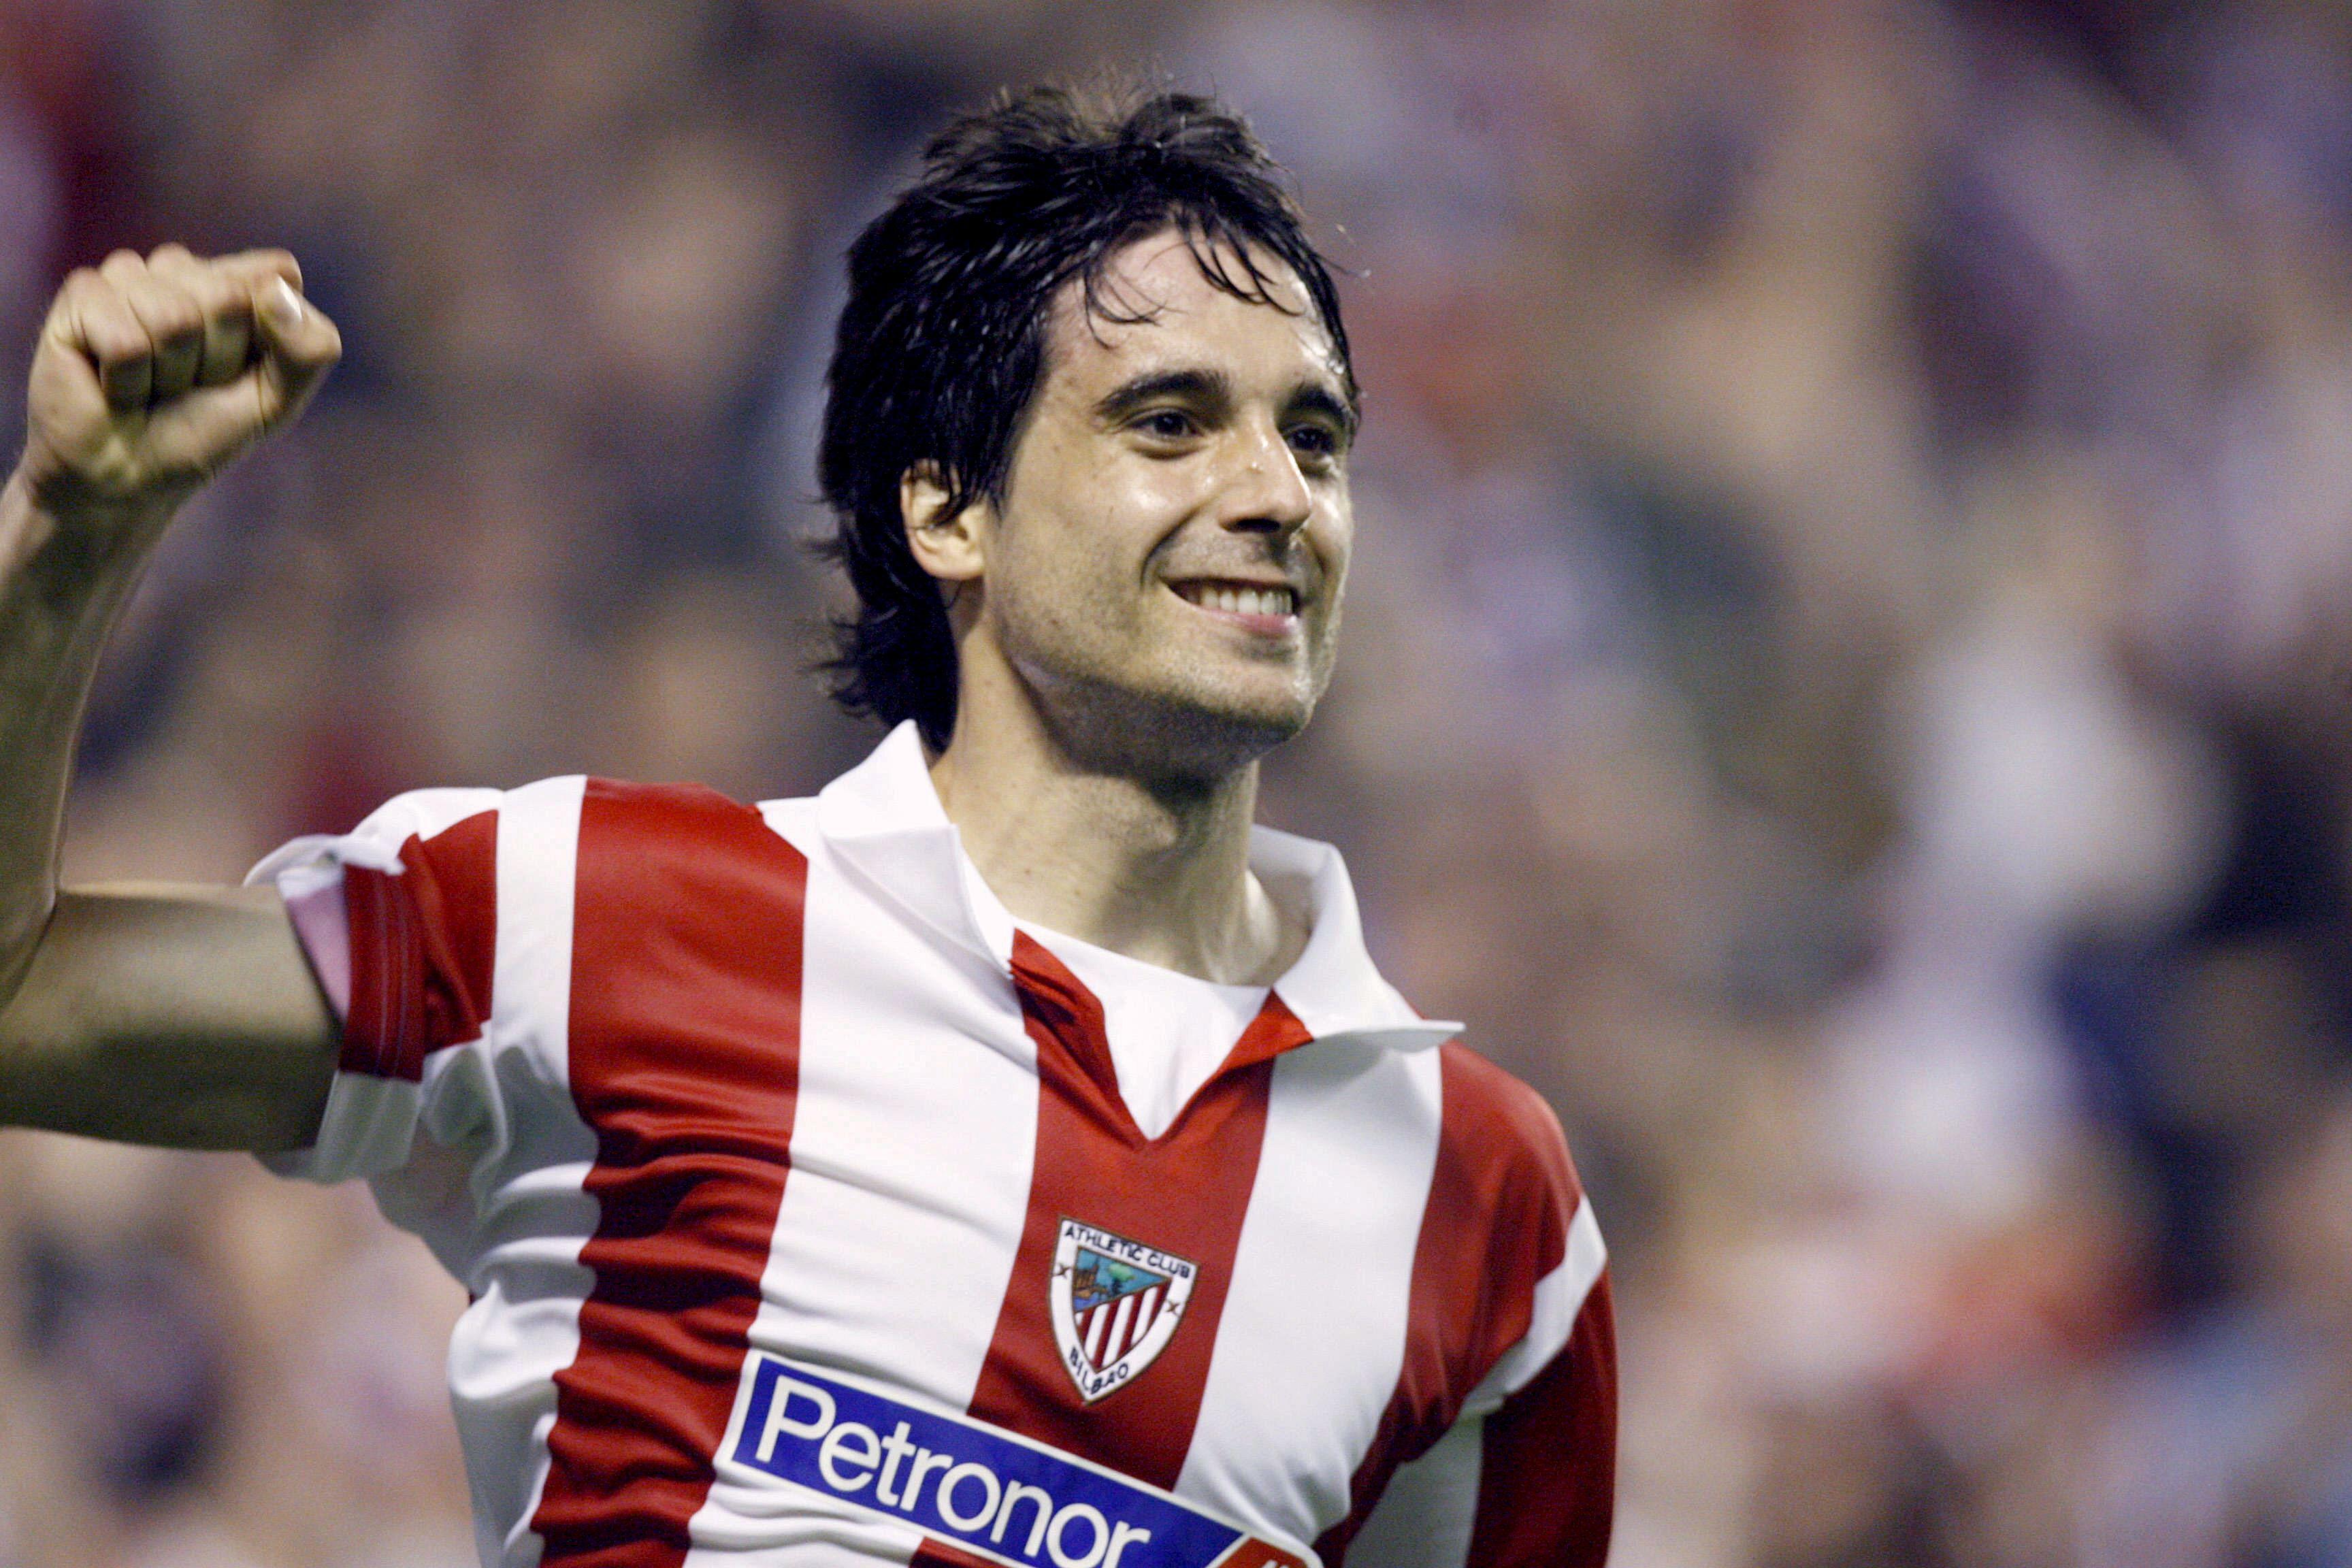 El Athletic confirma el fichaje del central Xabi Etxeita procedente del Elche